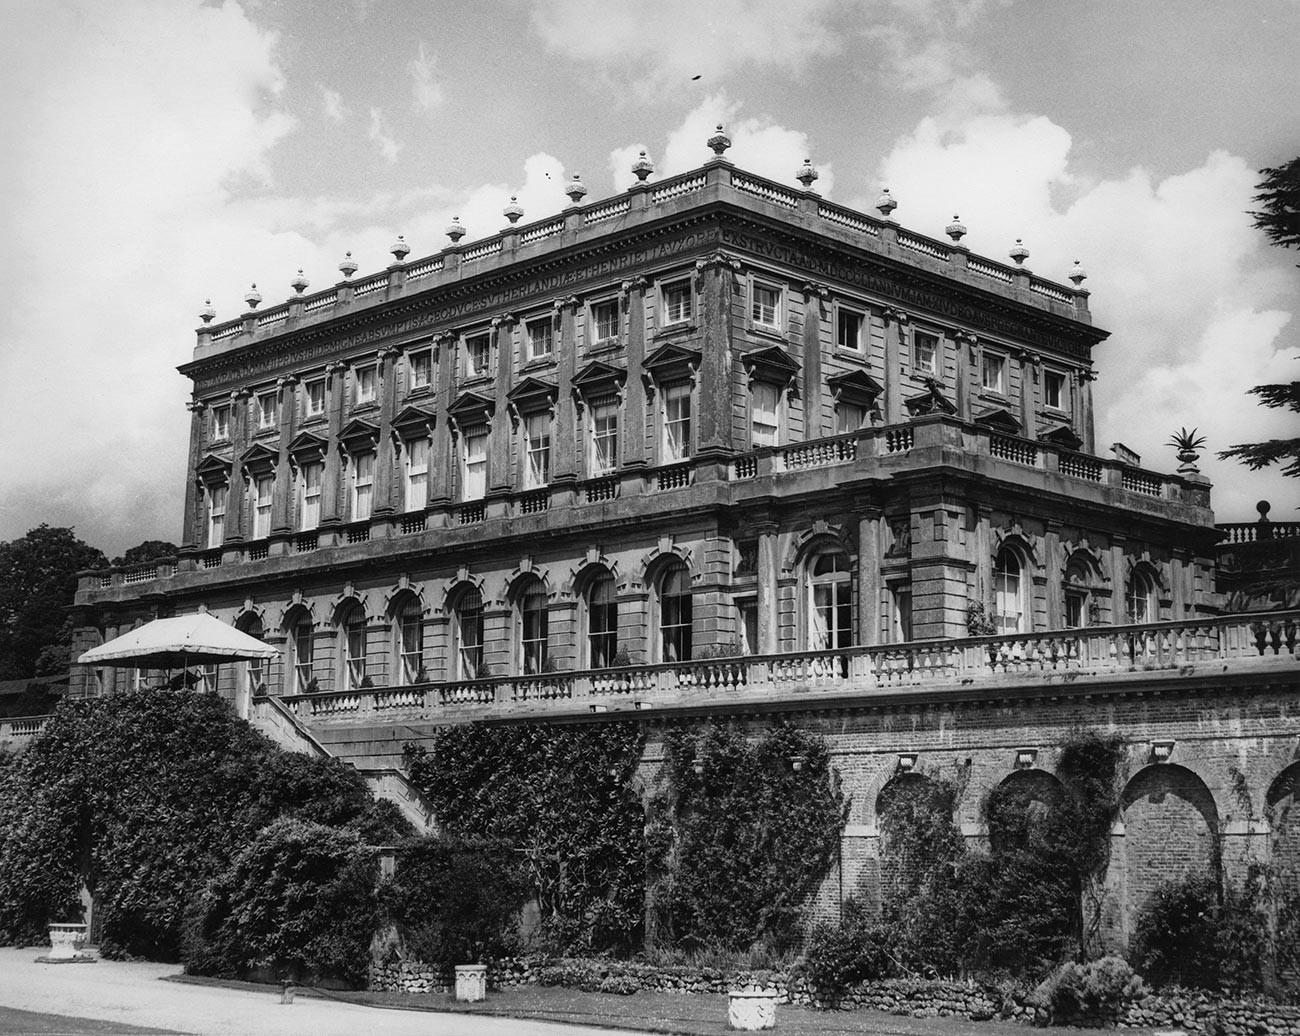 Кливден, вилата на лордот Астор во Бакингемшир, 28 јуни 1963 година. Тука на приватна забава Кристина Килер за првпат му беше претставена на британскиот министер за одбрана Џон Профумо.